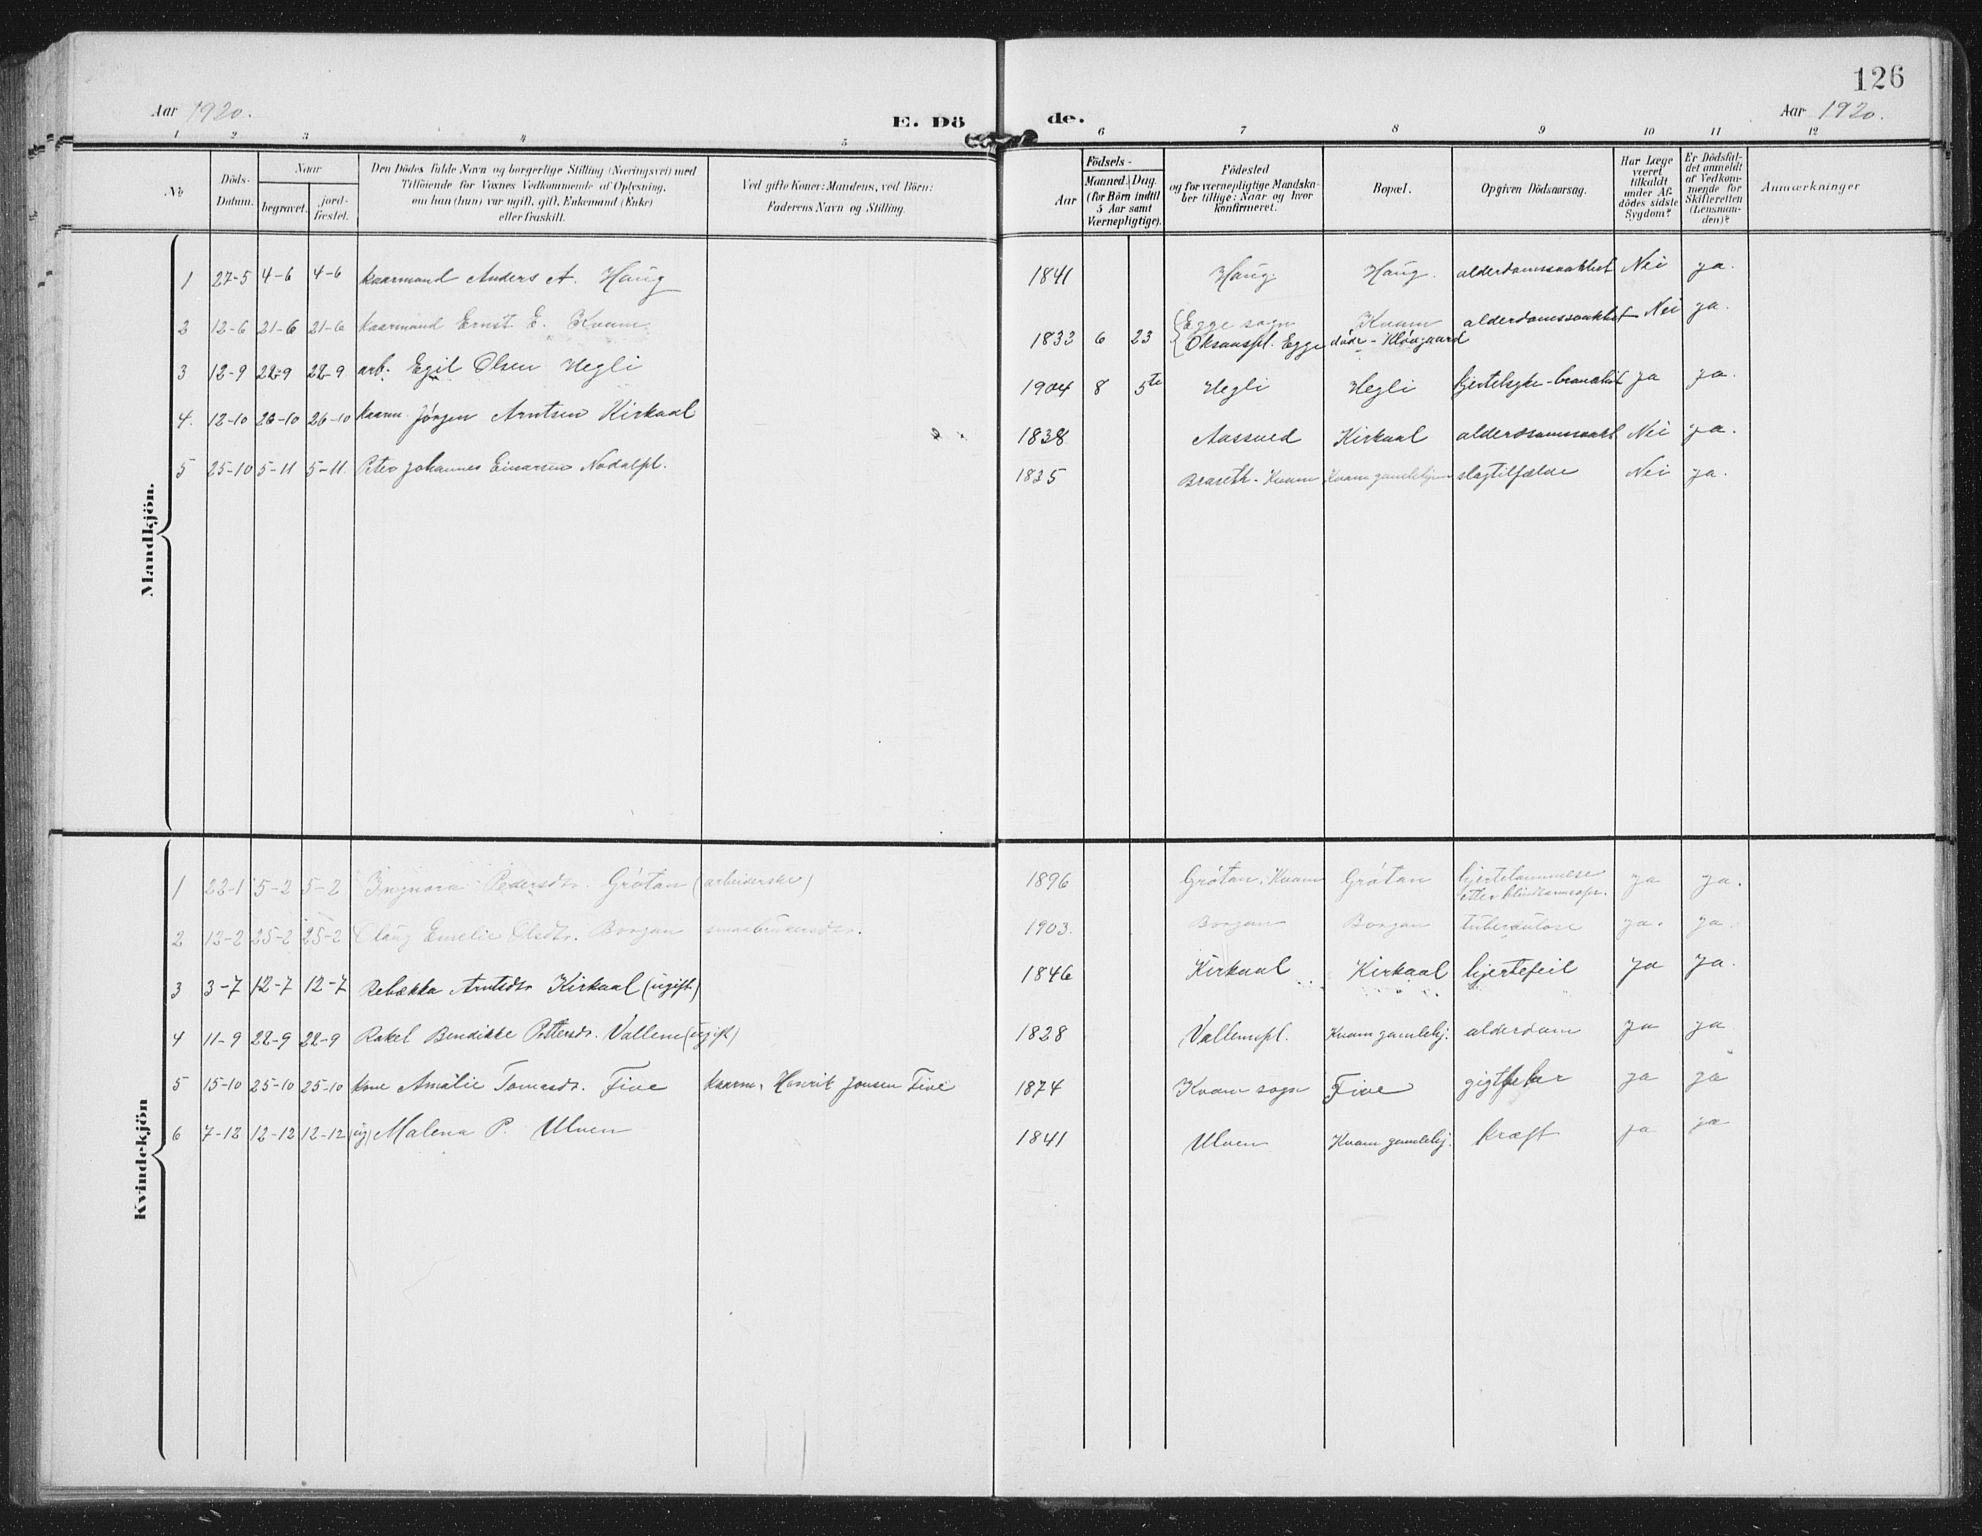 SAT, Ministerialprotokoller, klokkerbøker og fødselsregistre - Nord-Trøndelag, 747/L0460: Klokkerbok nr. 747C02, 1908-1939, s. 126